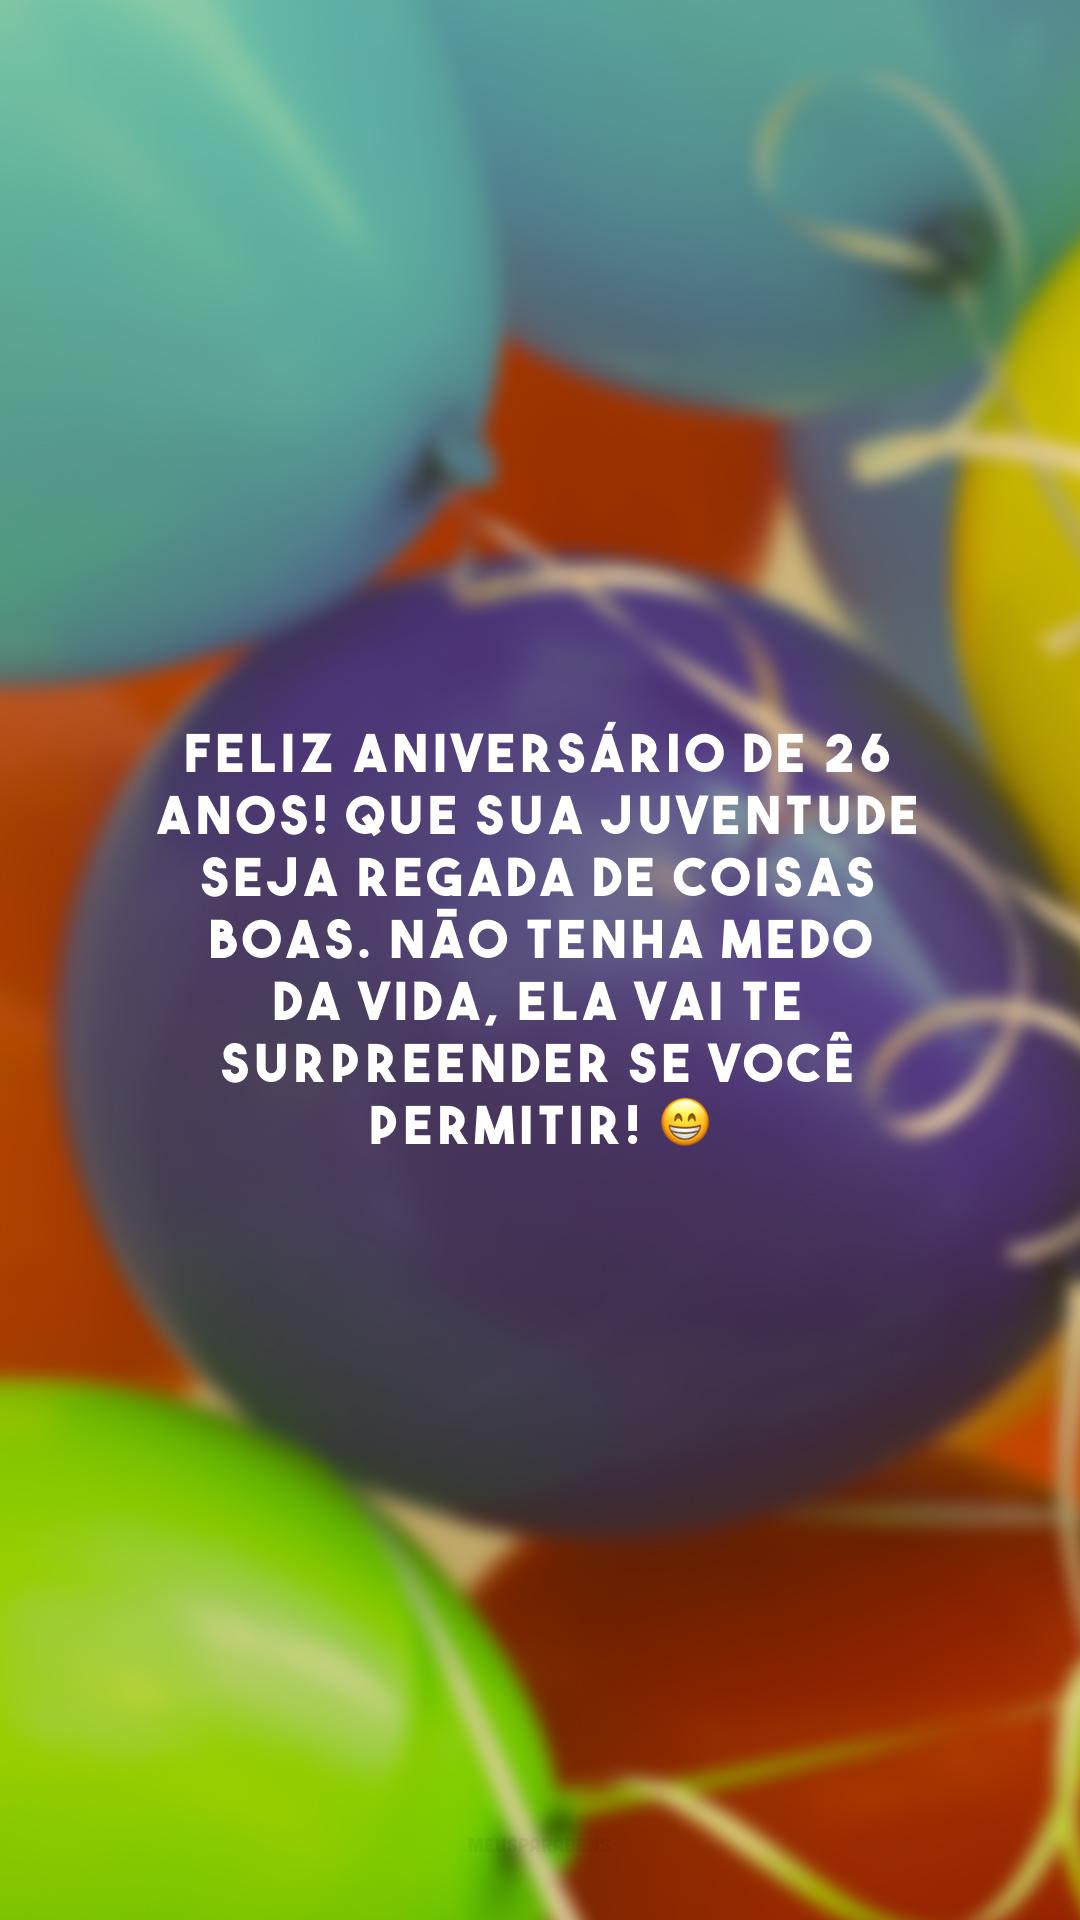 Feliz aniversário de 26 anos! Que sua juventude seja regada de coisas boas. Não tenha medo da vida, ela vai te surpreender se você permitir! 😁